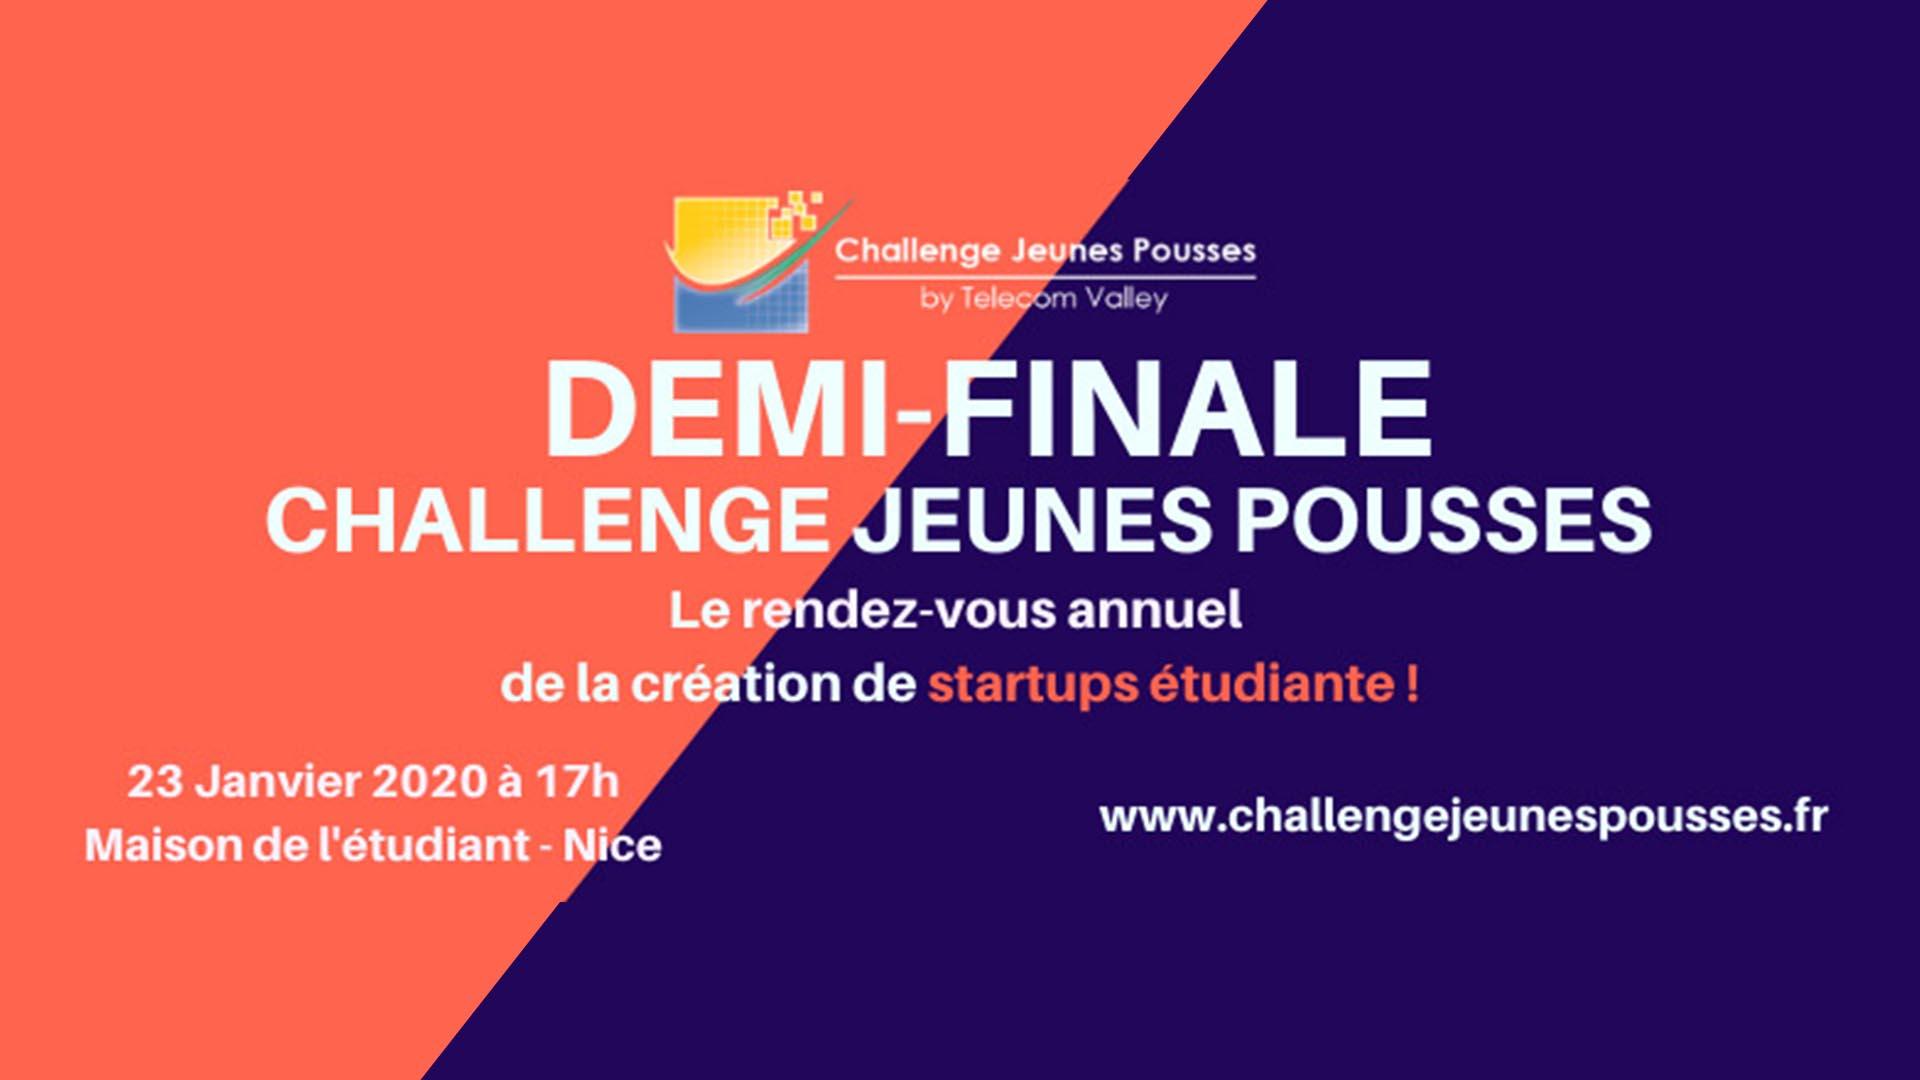 Participate in Challenge Jeunes Pousses 2020 contest